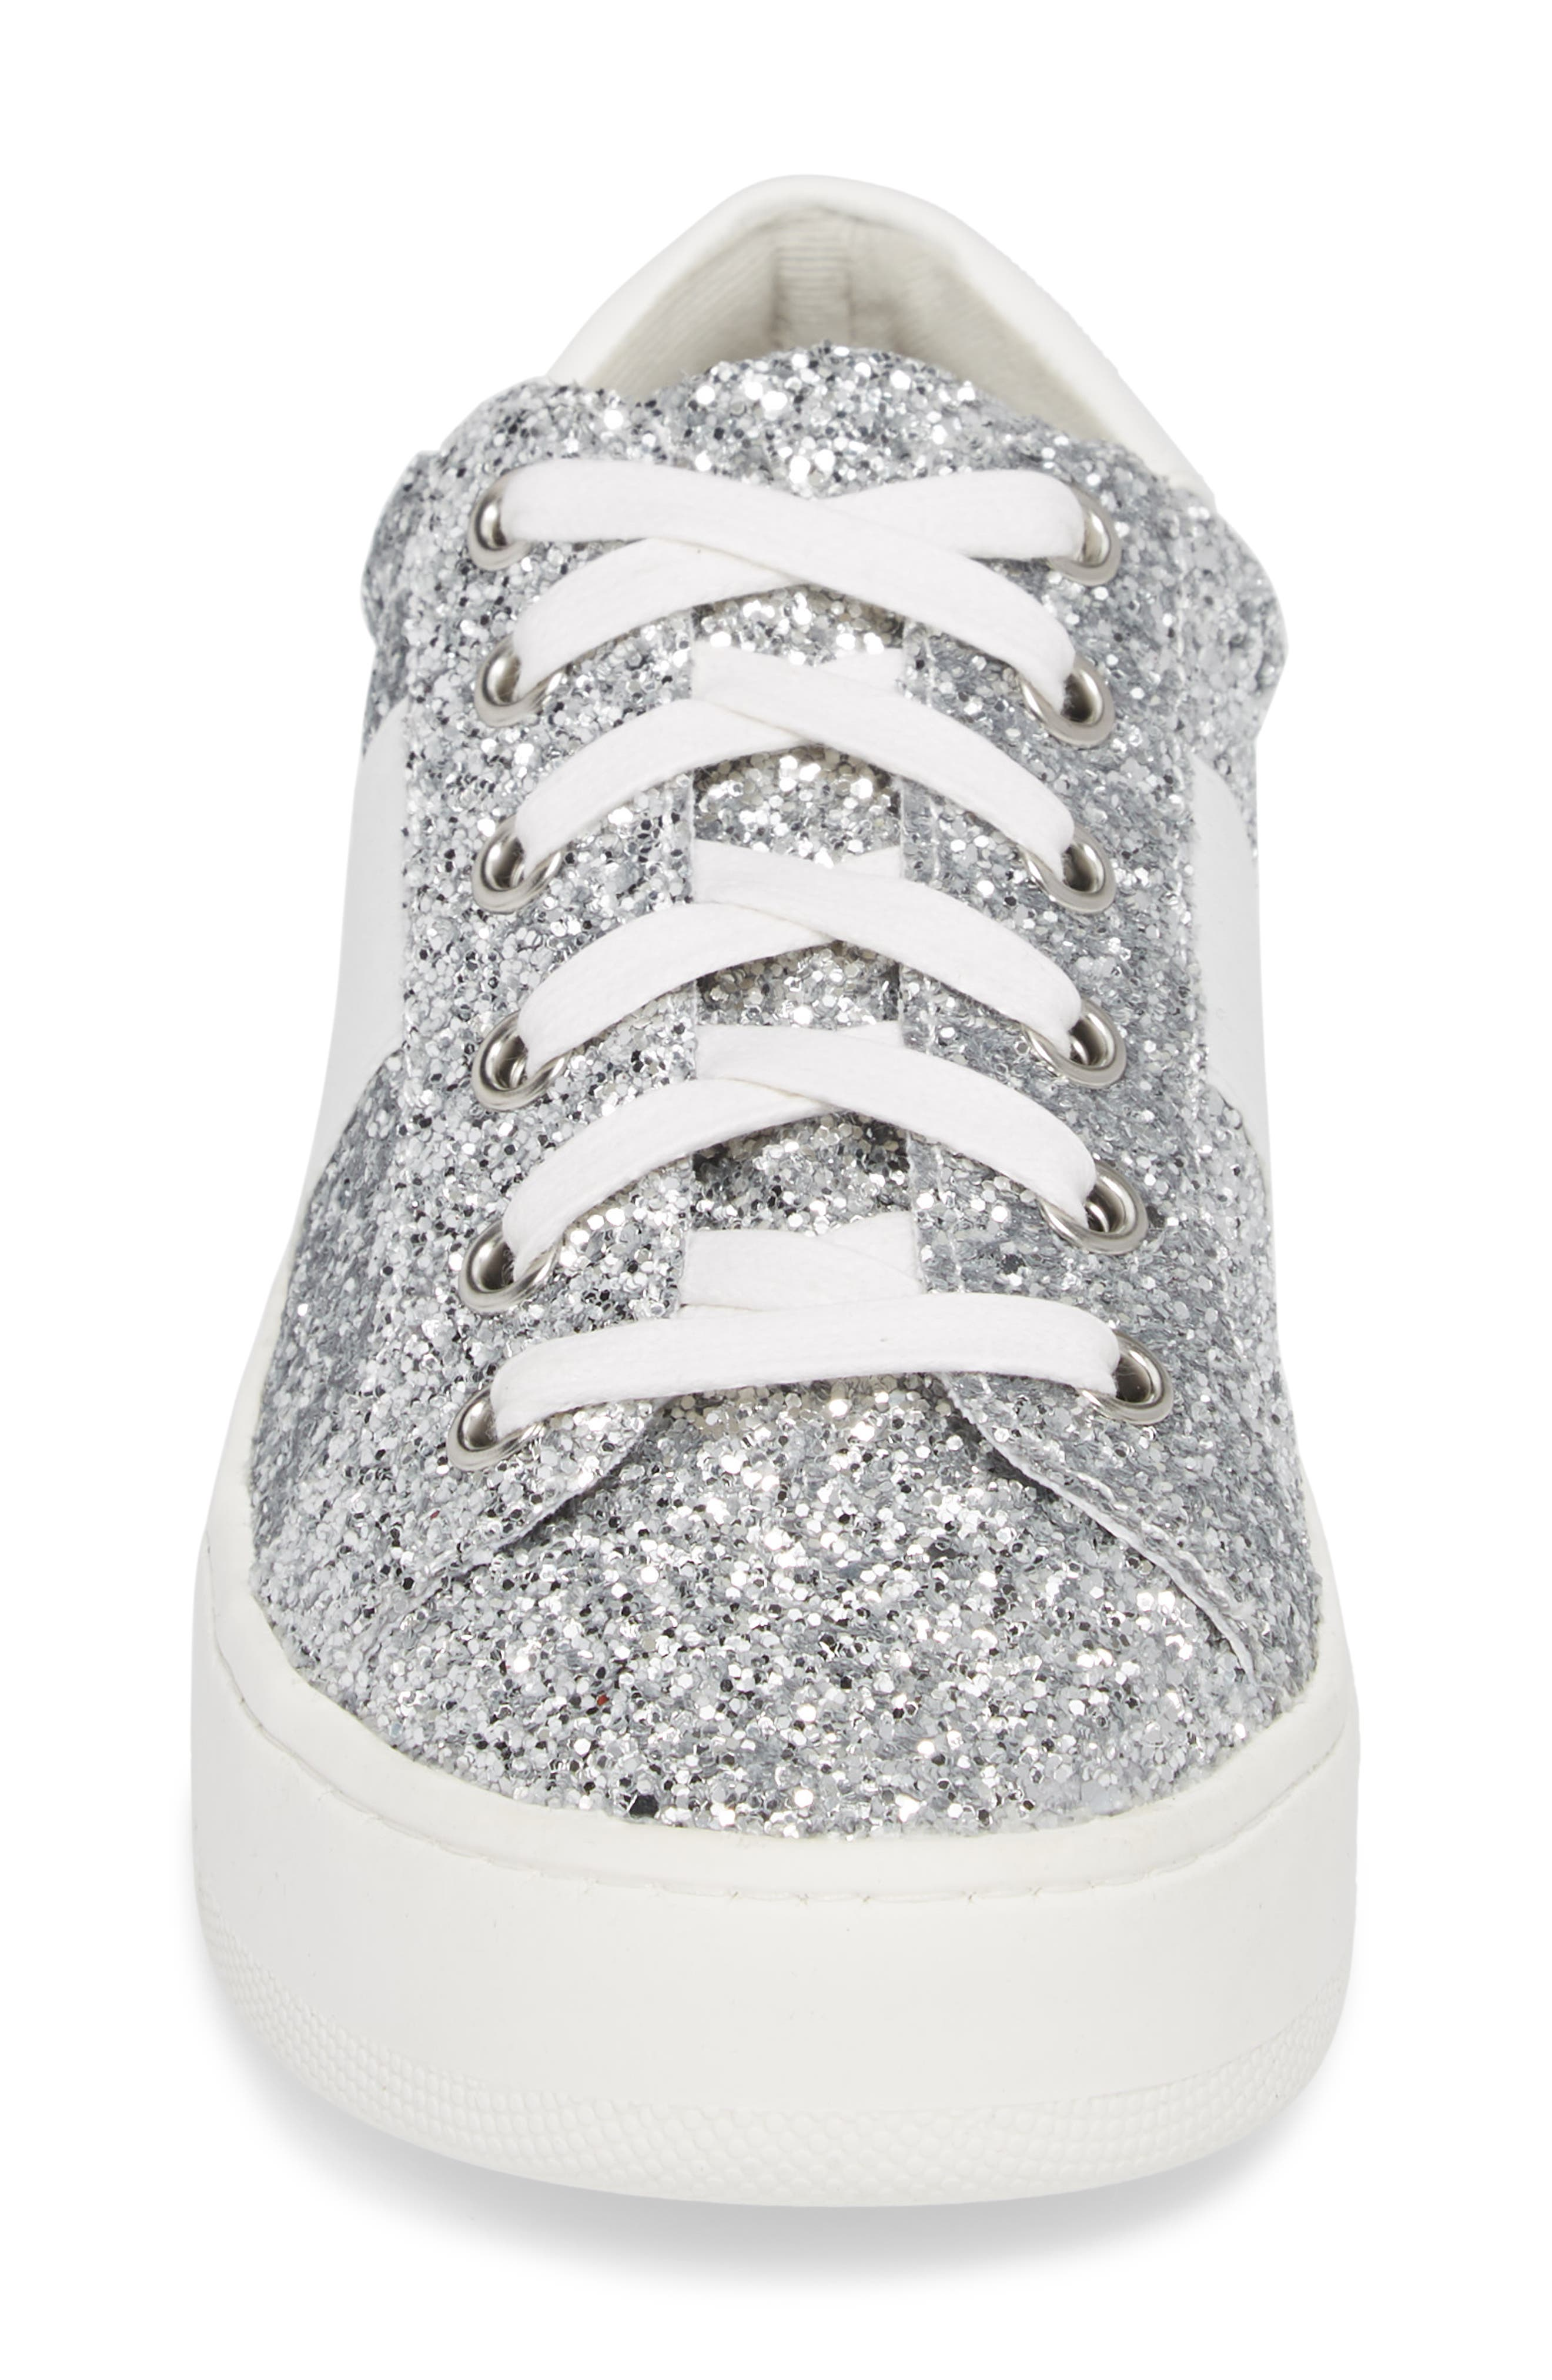 Belle-G Glitter Platform Sneaker,                             Alternate thumbnail 4, color,                             SILVER GLITTER